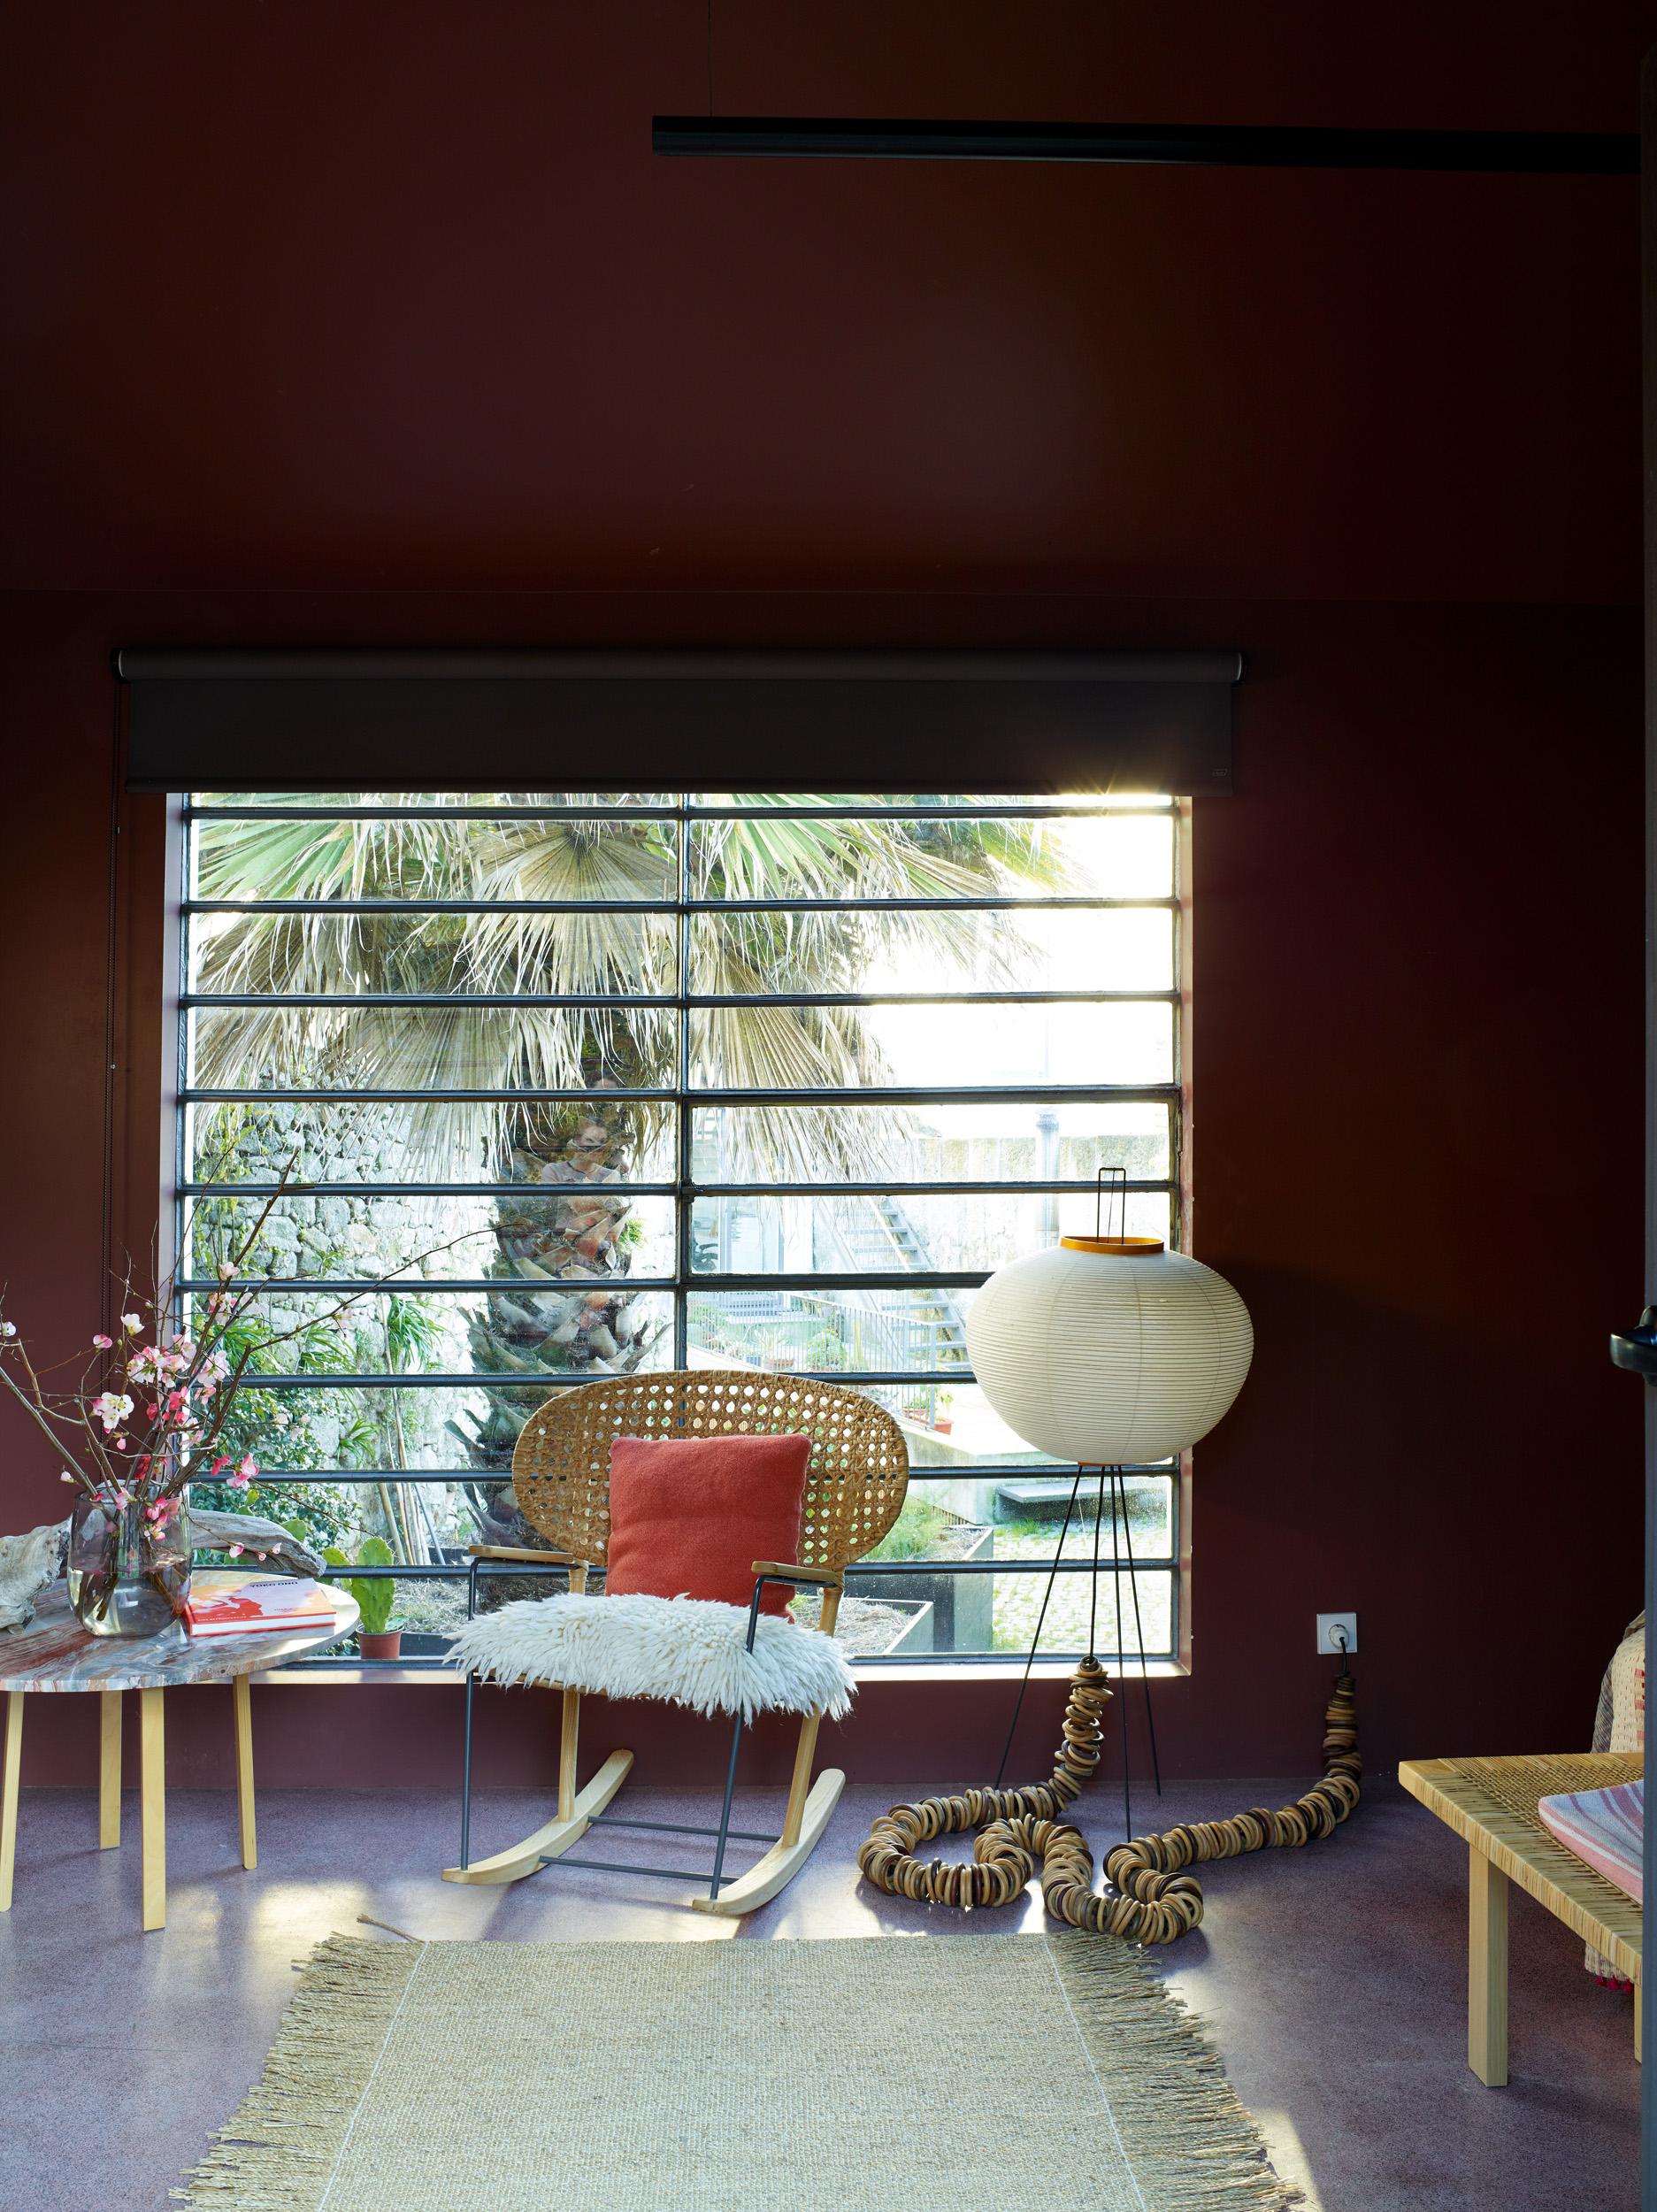 rachael-smith-interiors-14122019-029